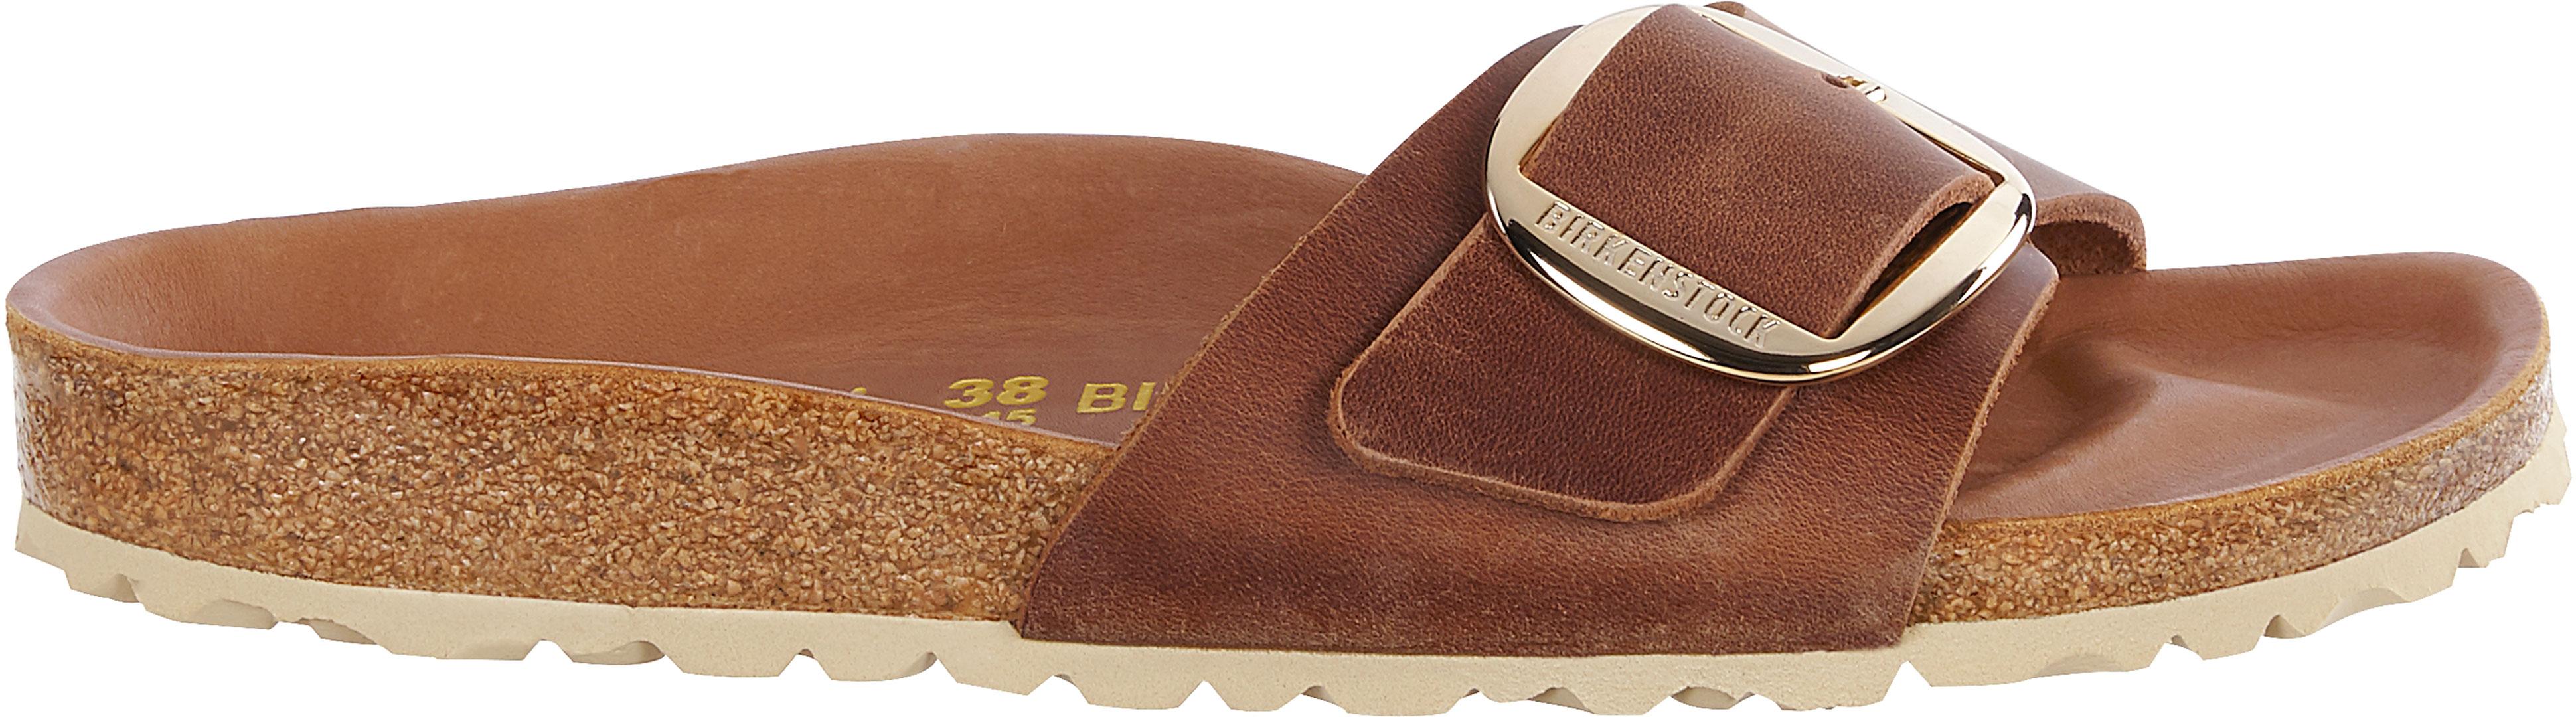 Cognac Buckle Sandal Big 2020 Madrid Slim nw8k0OP